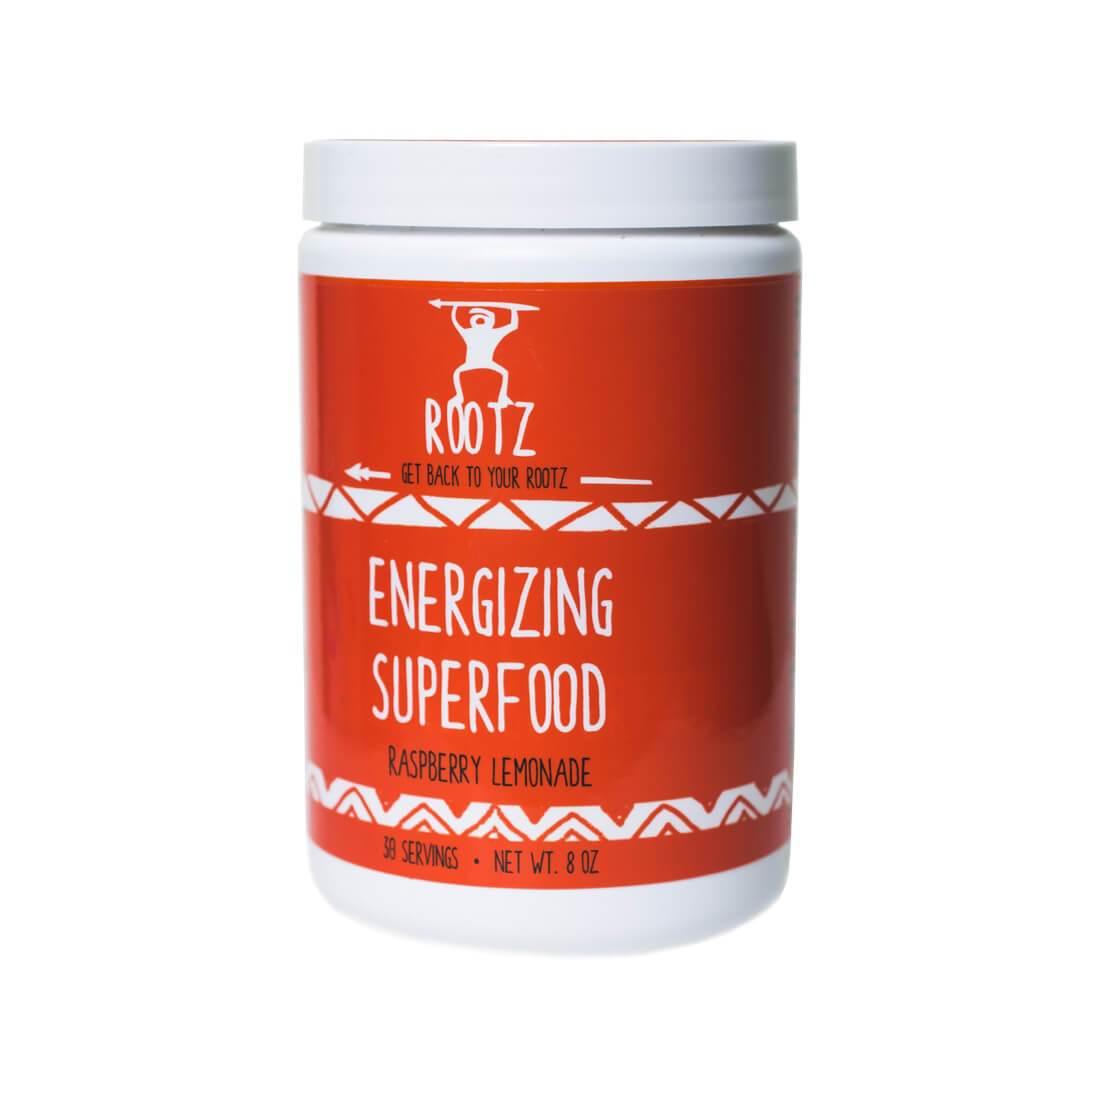 energizingsuperfood